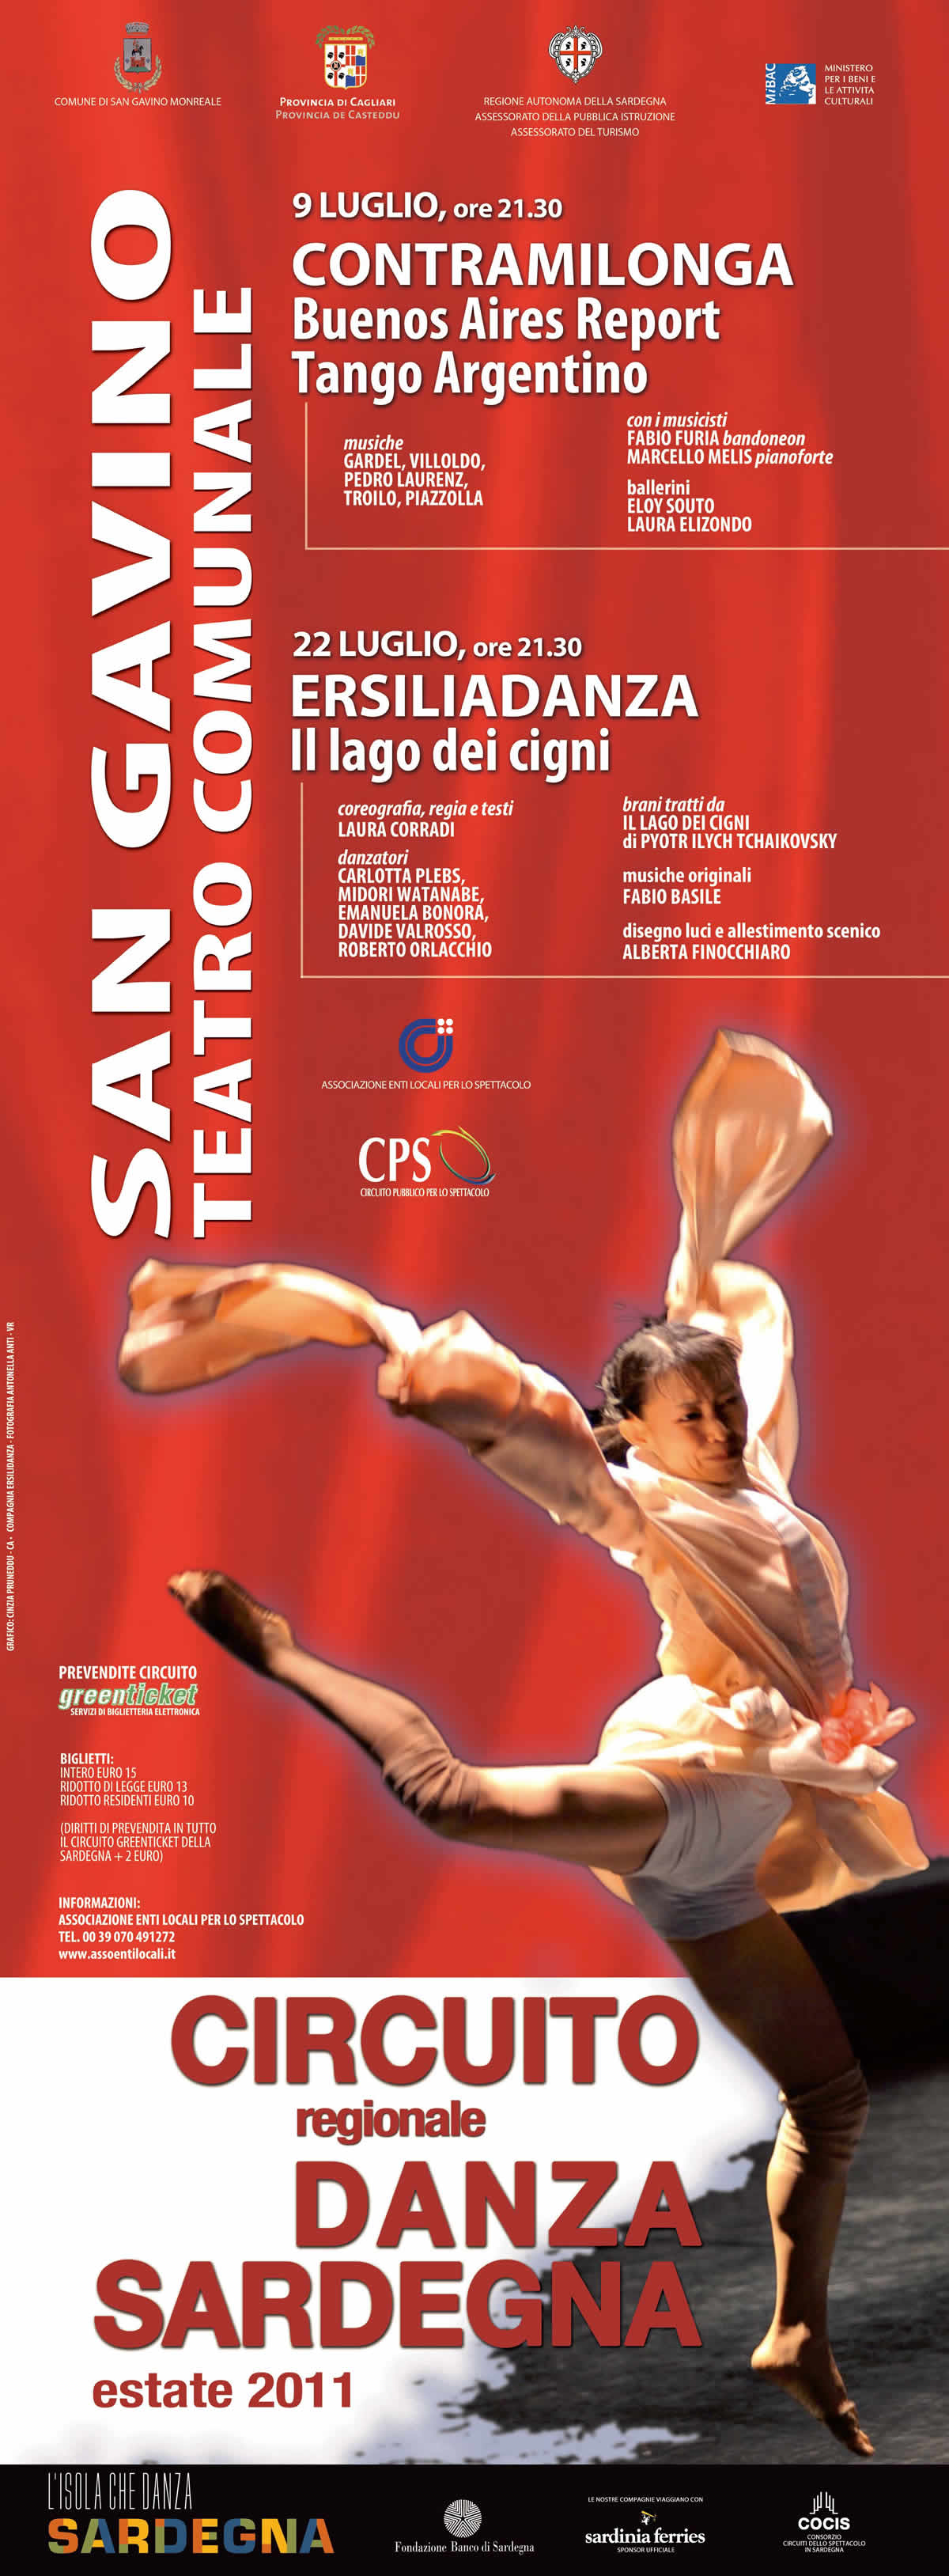 Circuito Danza Estate 2011